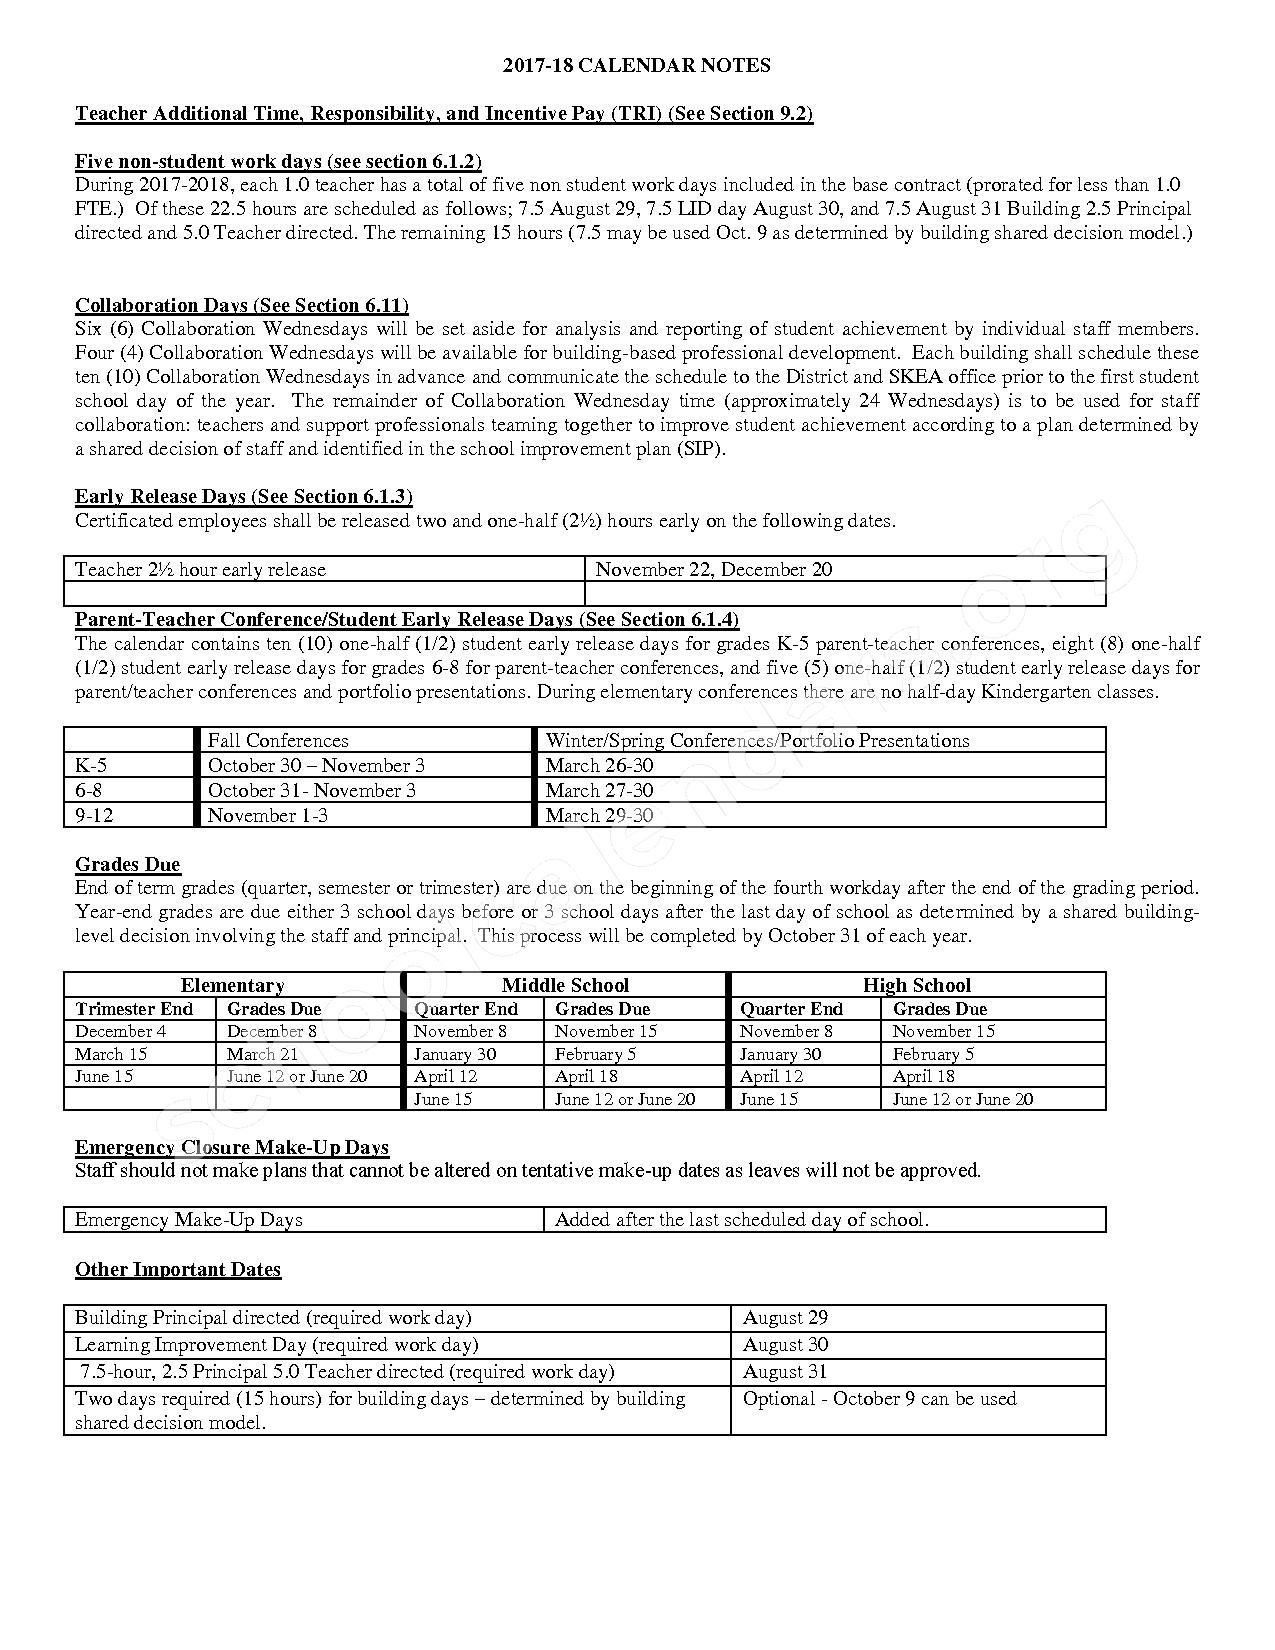 2017 - 2018 School Calendar – South Kitsap School District – page 2